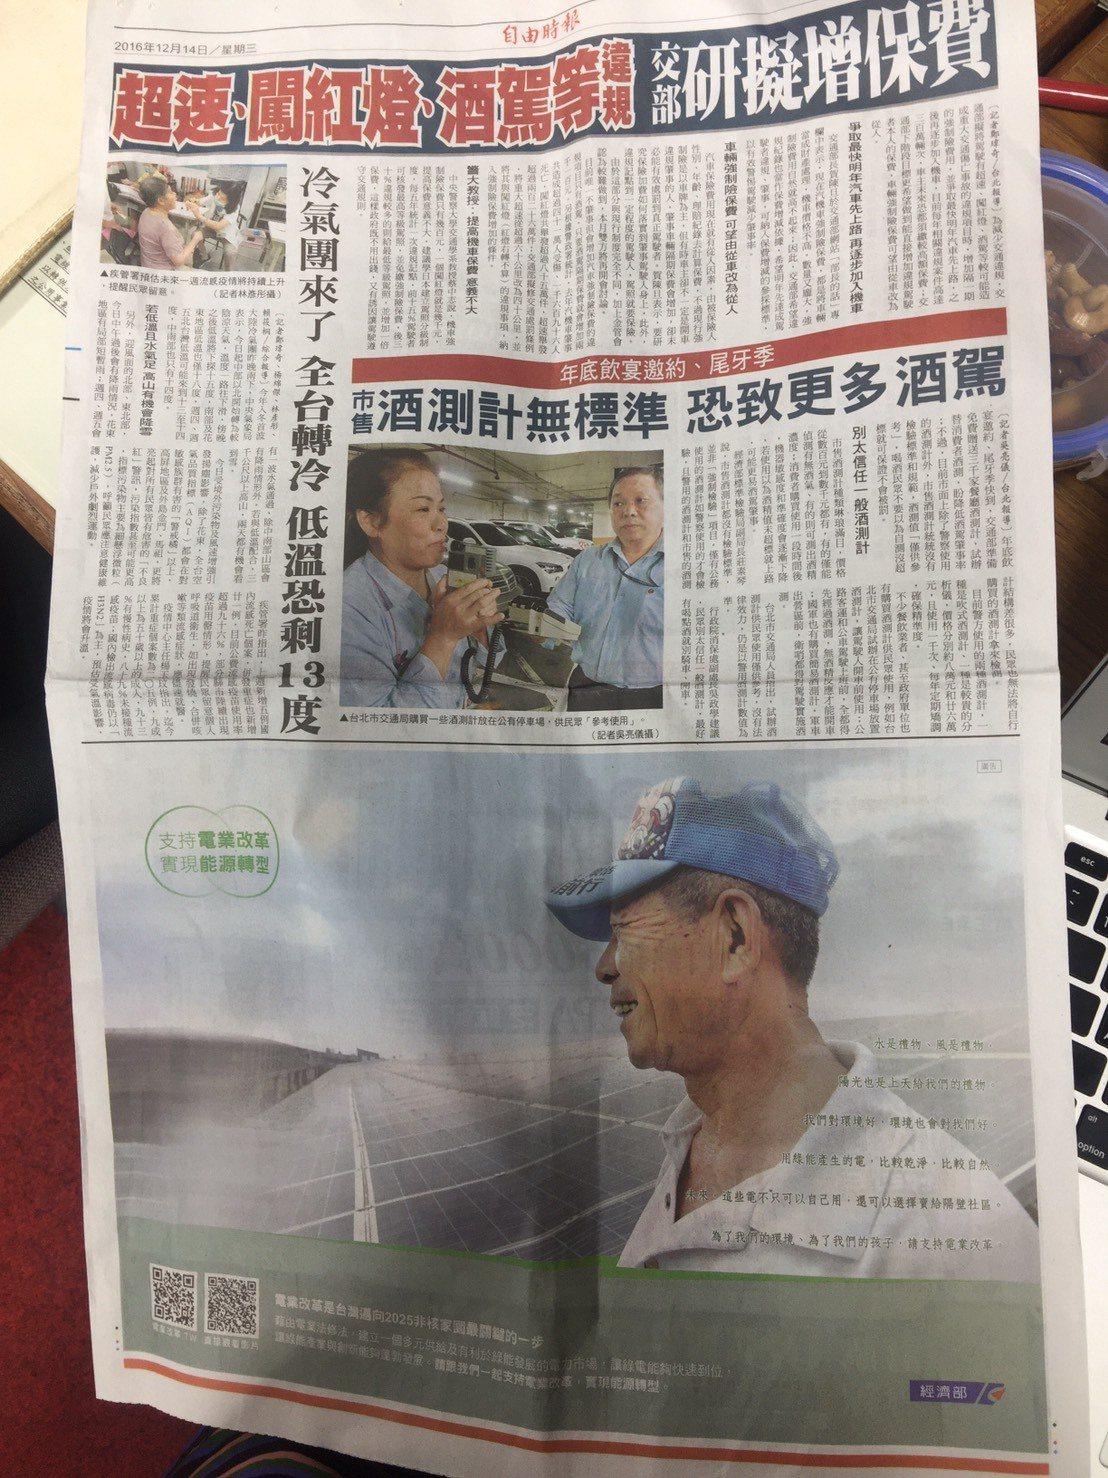 經濟部在自由時報刊登電業改革廣告挨在野黨批評。記者吳馥馨/攝影